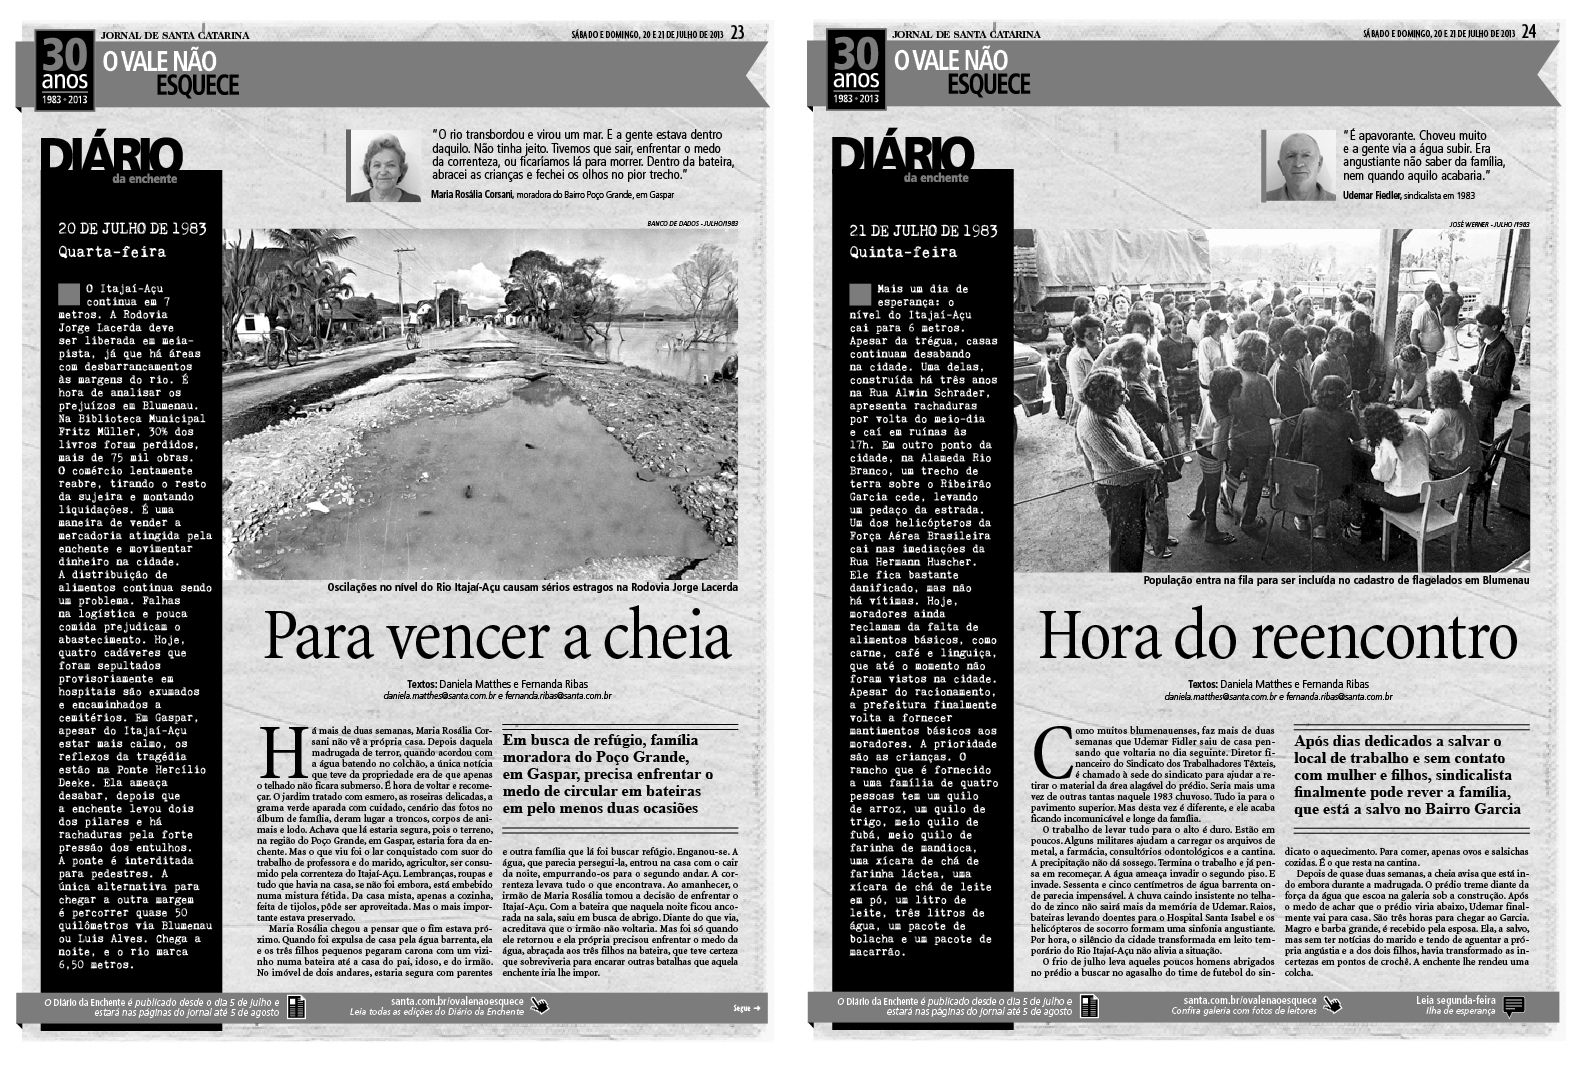 Edição: Cleisi Soares / Textos: Daniela Matthes e Fernanda Ribas / Design: Aline Fialho